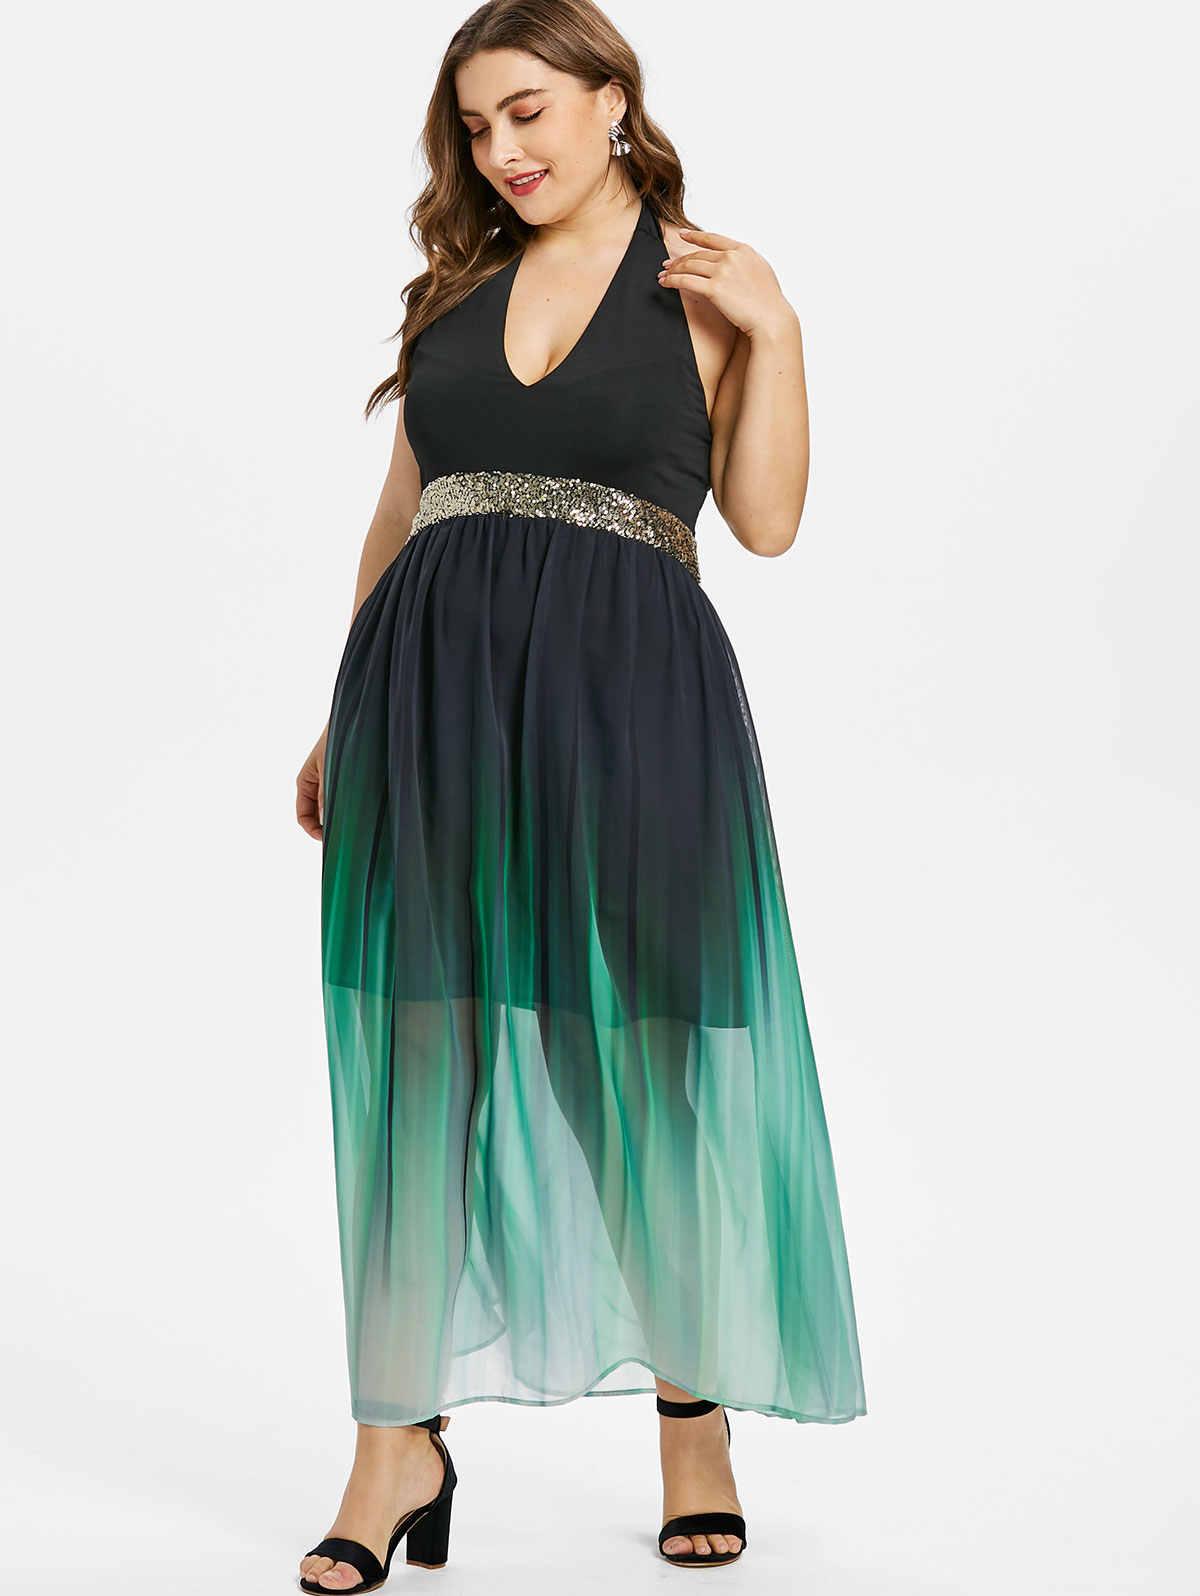 Размер xl сексуальный v-образный вырез с лямкой на шее, без рукавов, с открытой спиной, женское платье шифон Вечерние платья с блестками, макси, открытое кружевное платье Клубное платье Vestidos